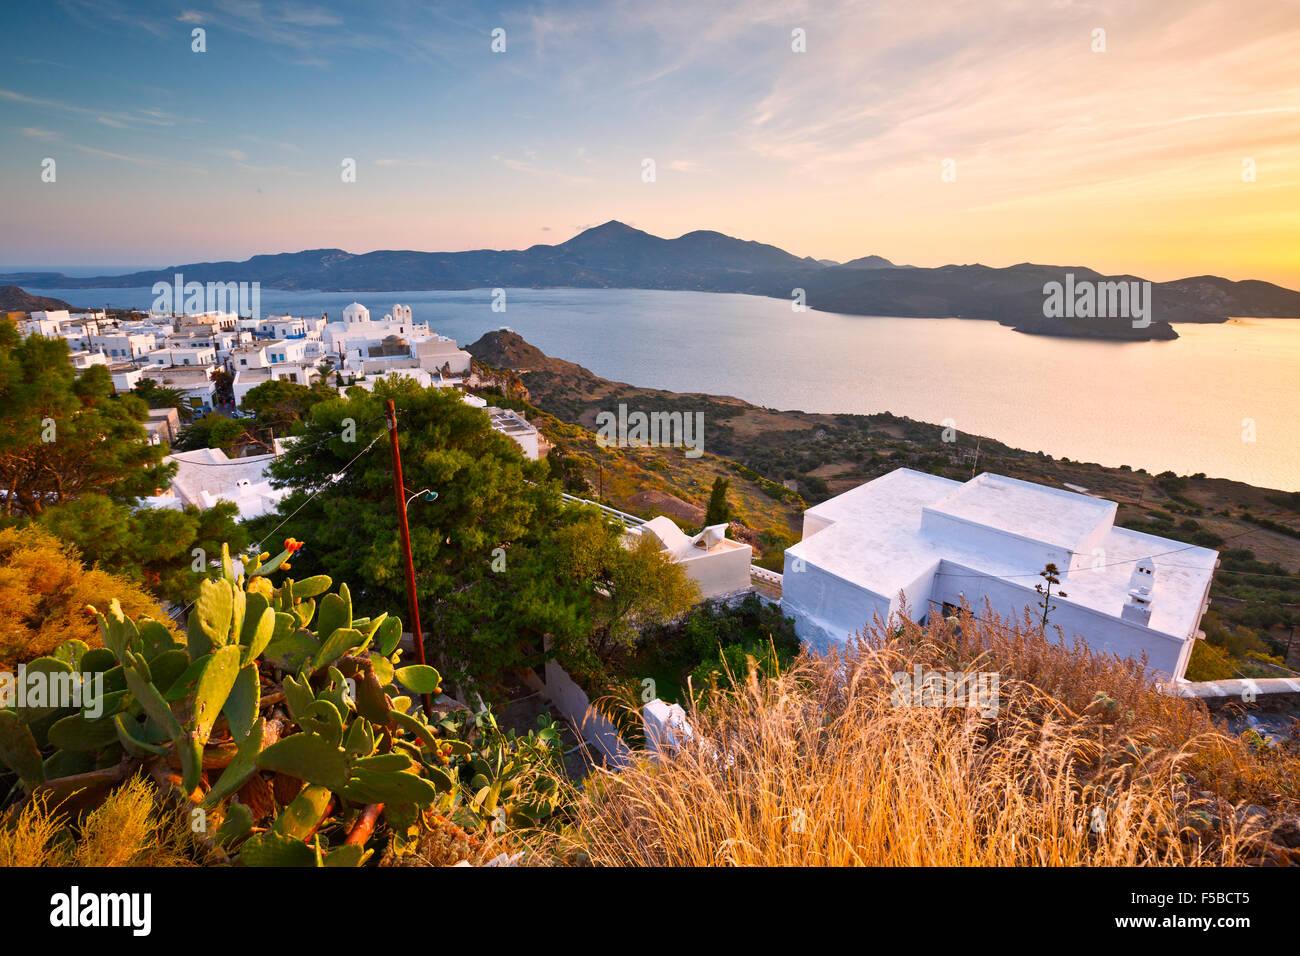 Vista della baia di Milos e villaggio di Plaka, capitale dell'isola di Milos, Grecia. Immagini Stock